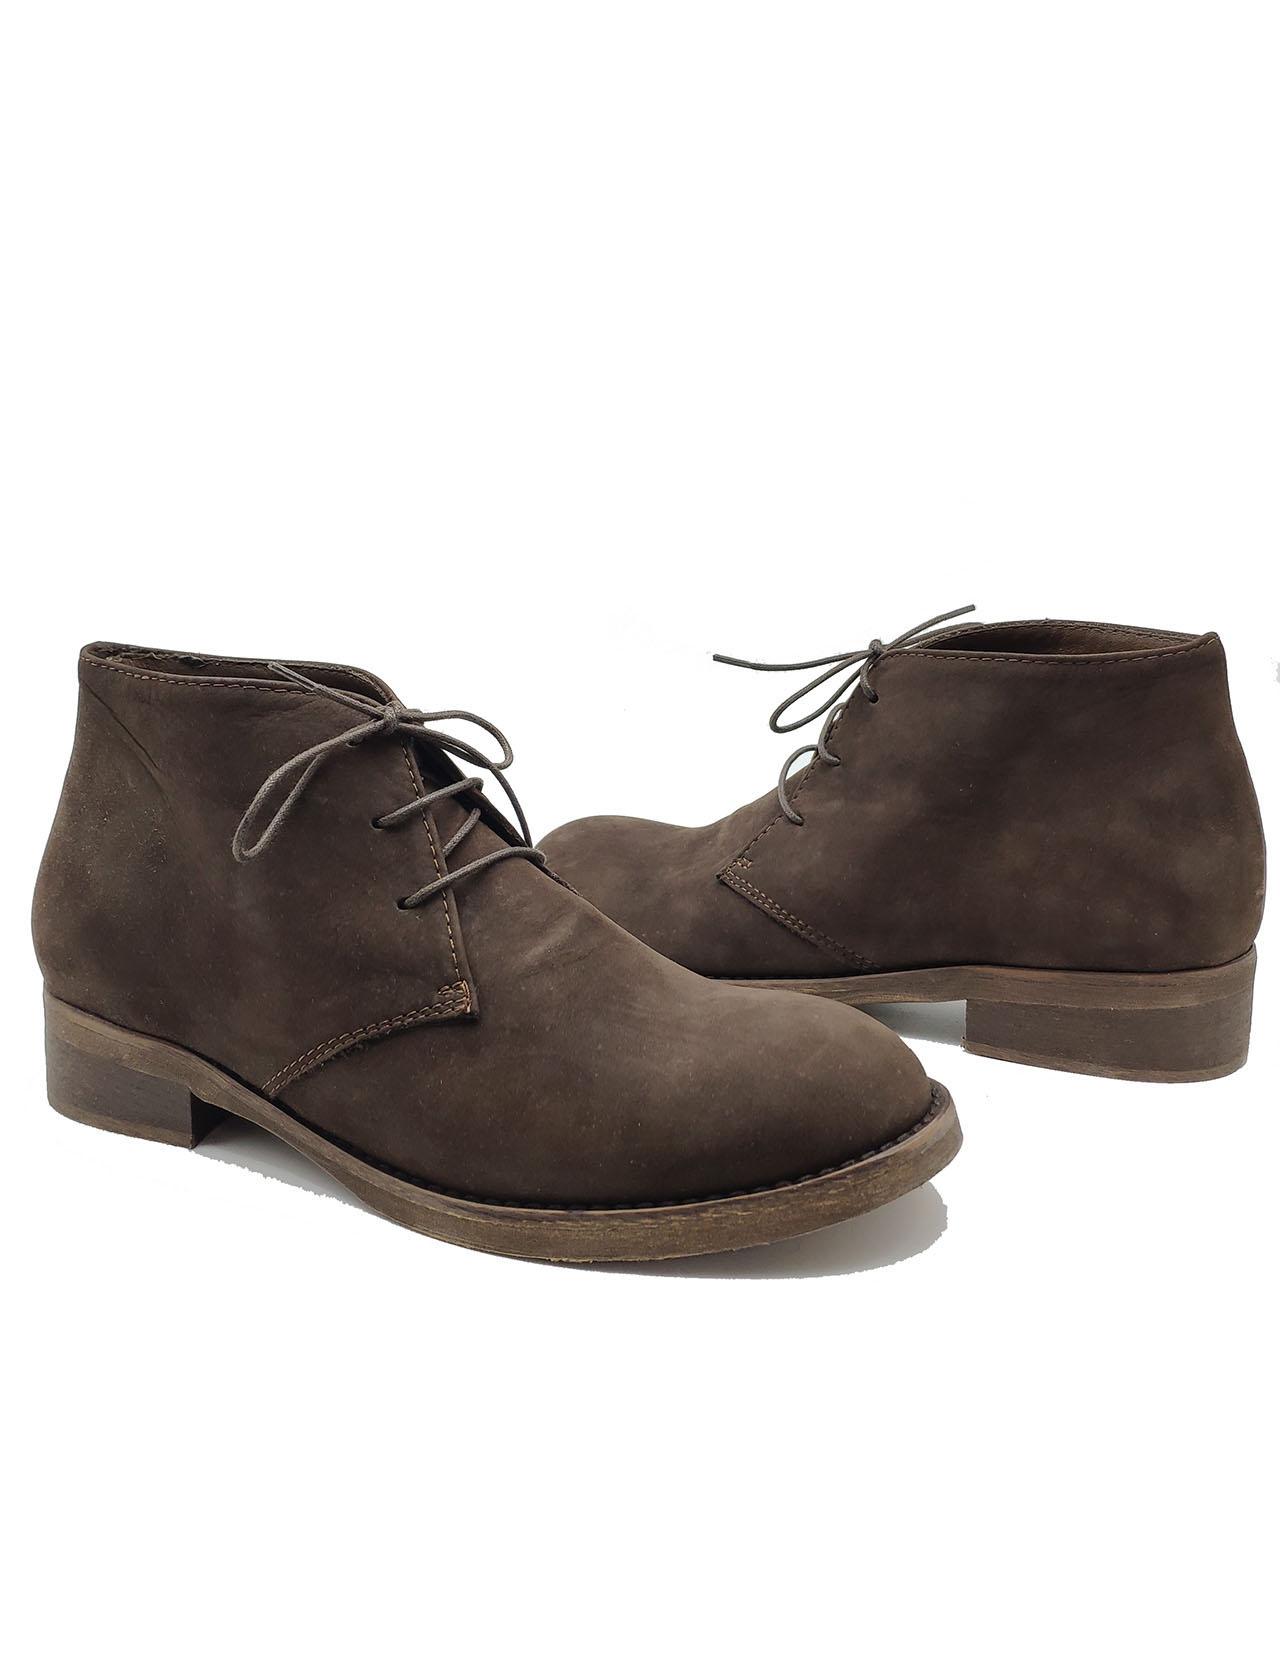 Spatarella | Ankle Boots | ART1013051TESTA DI MORO